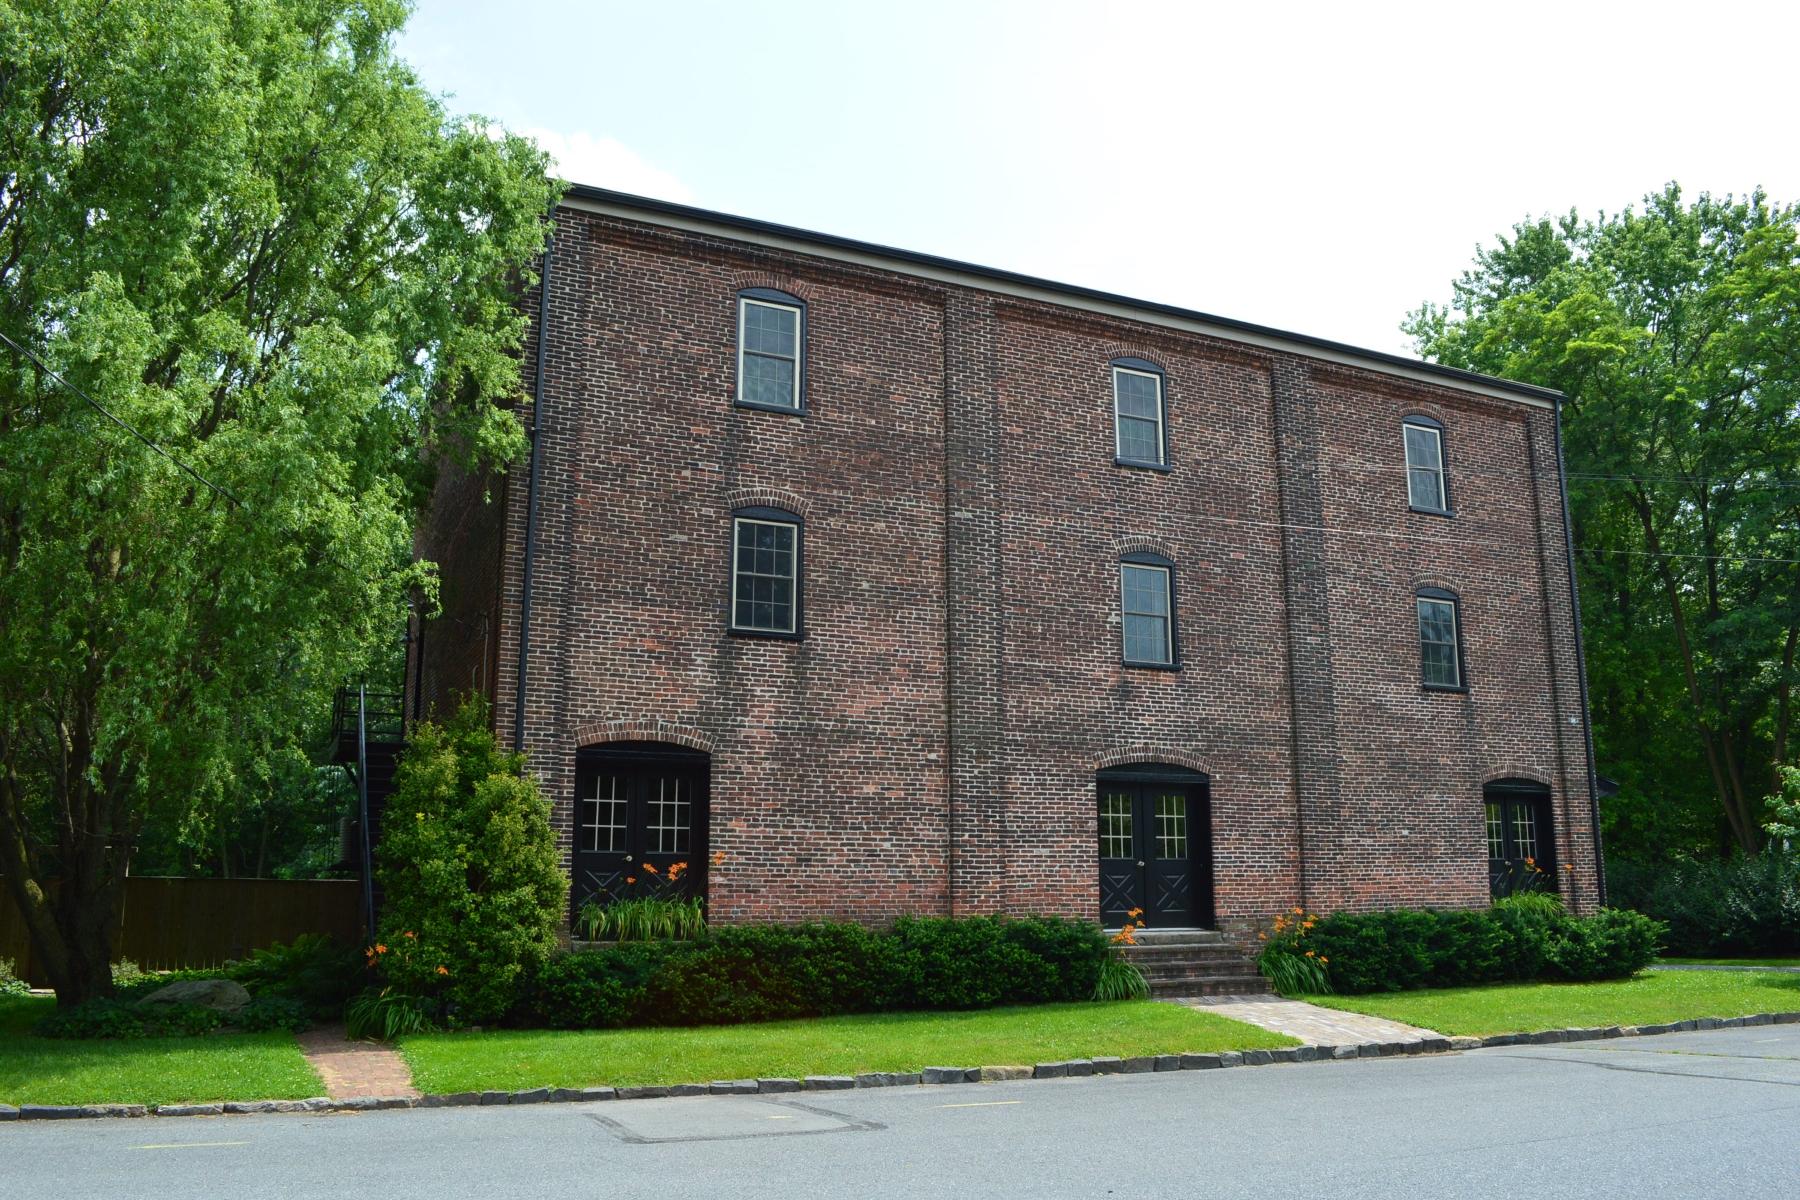 独户住宅 为 销售 在 501 E Front Street 玛丽埃塔, 17547 美国